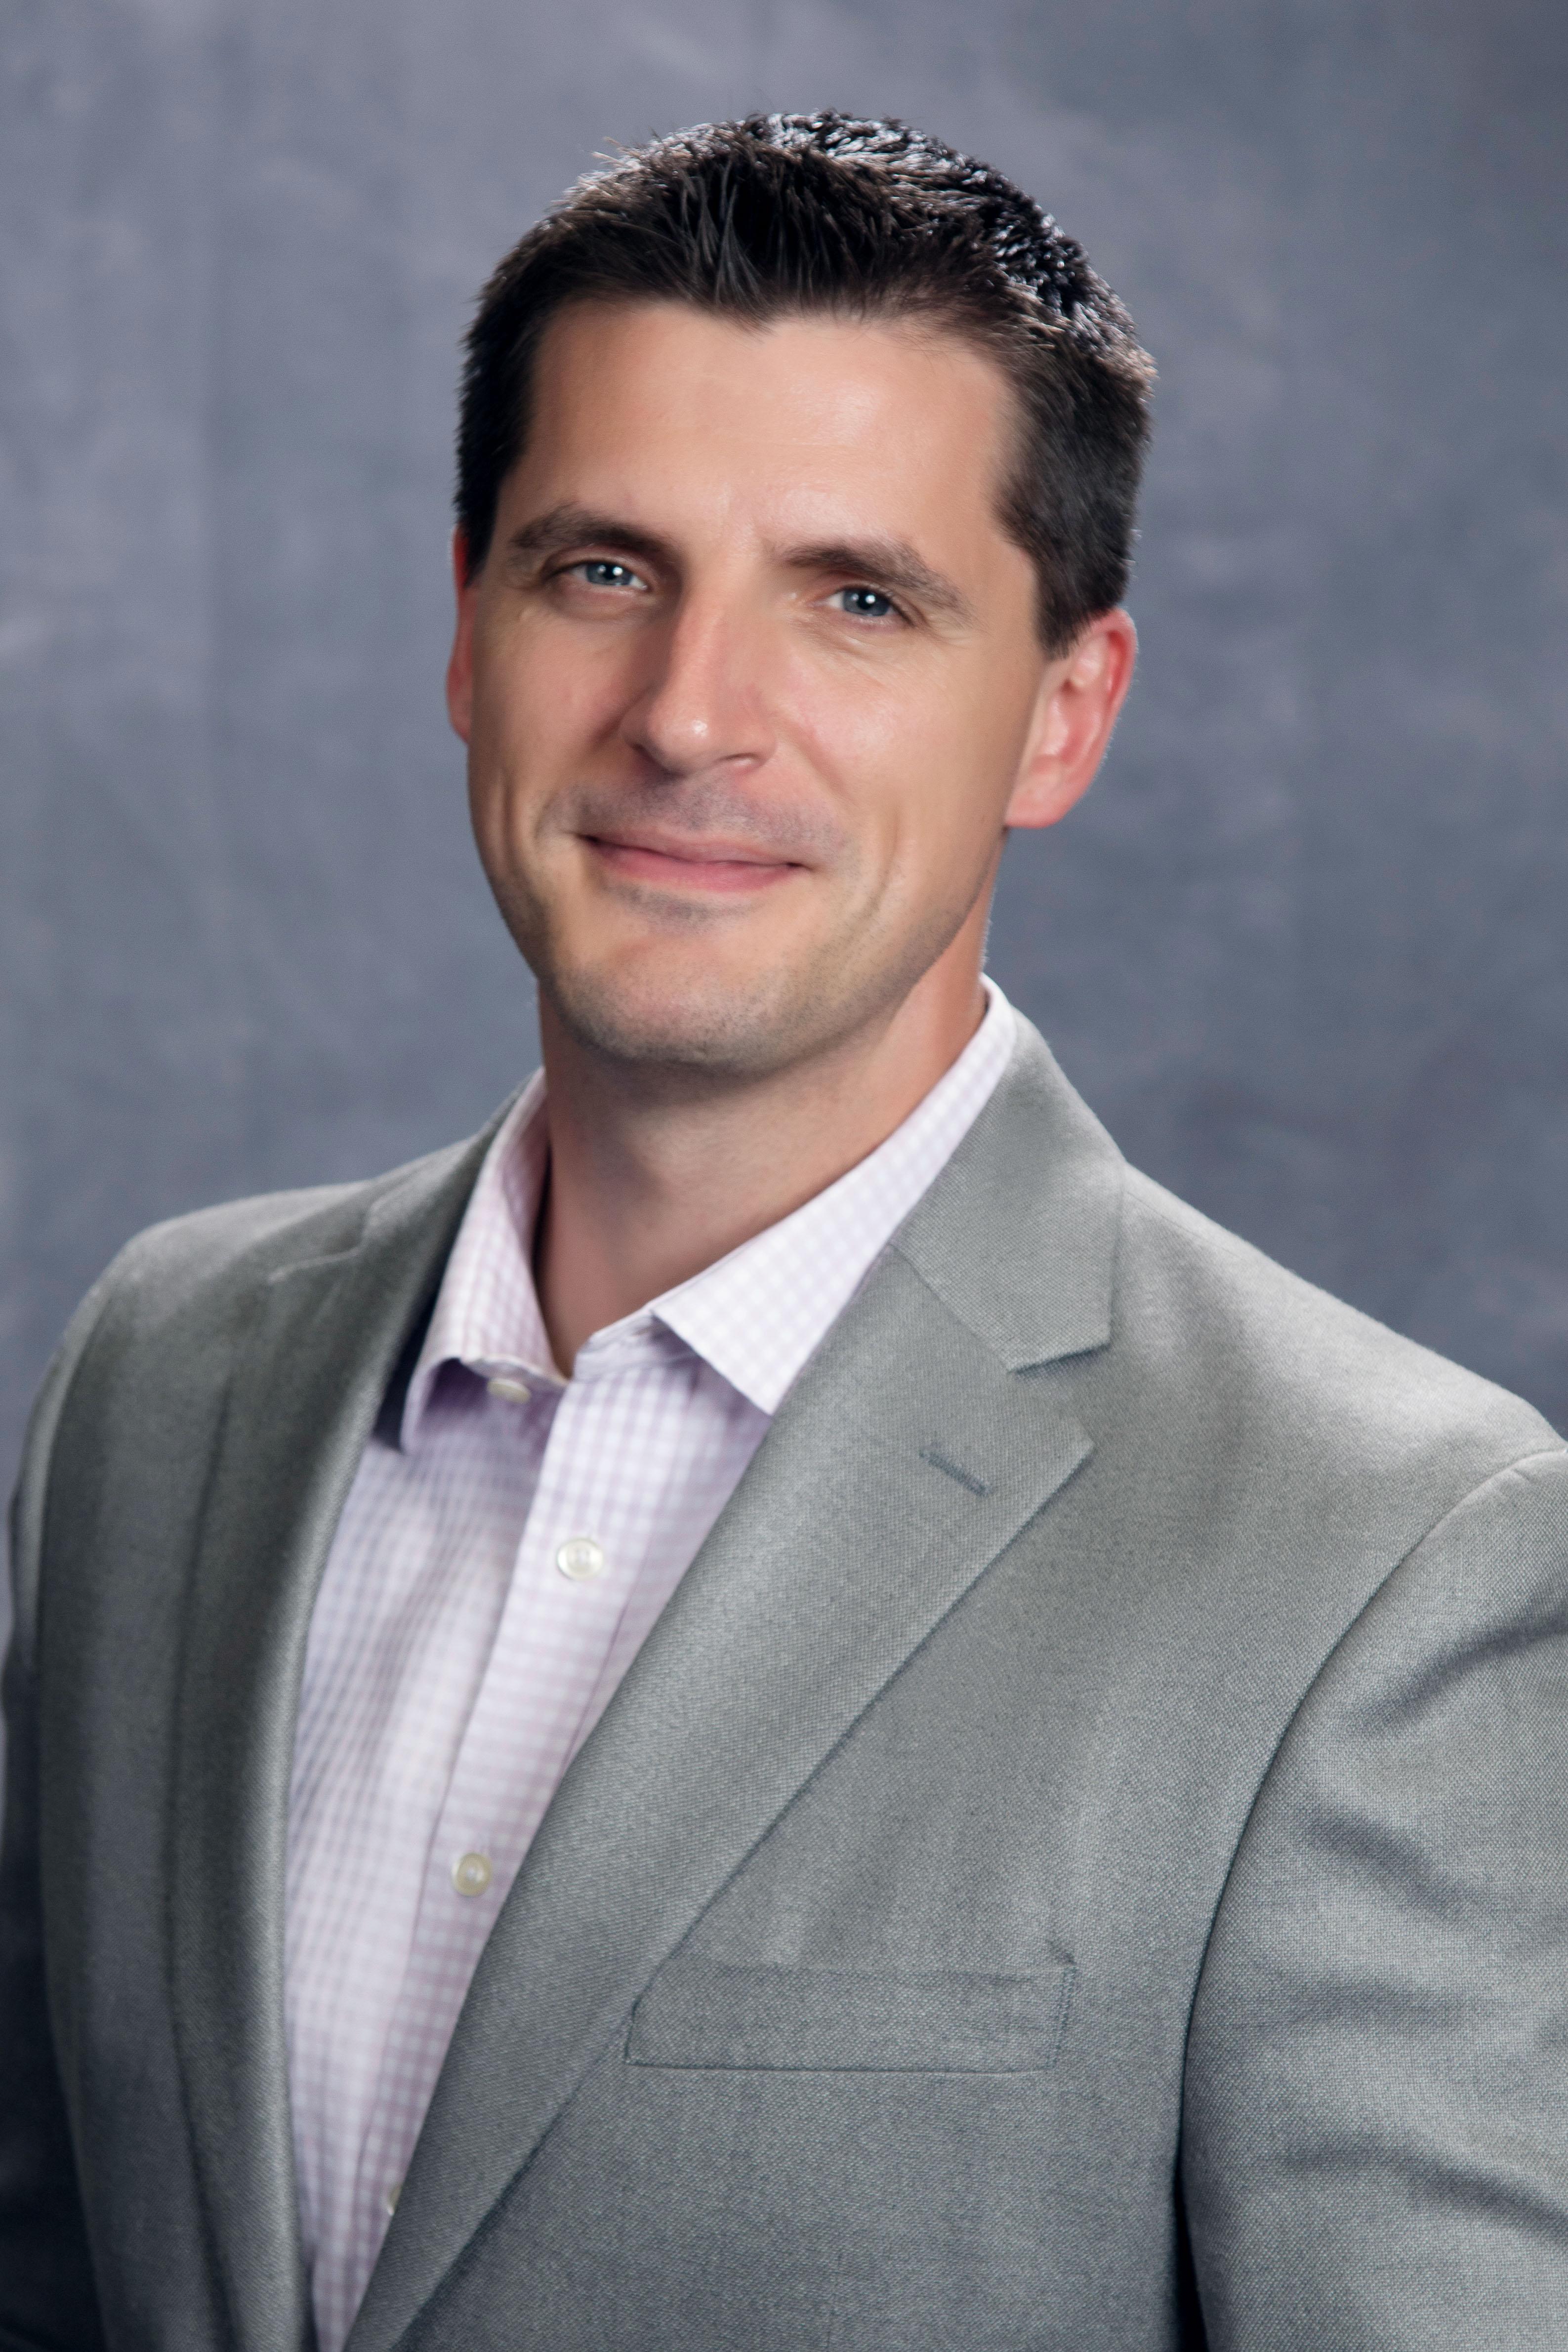 Michael Schnetzer